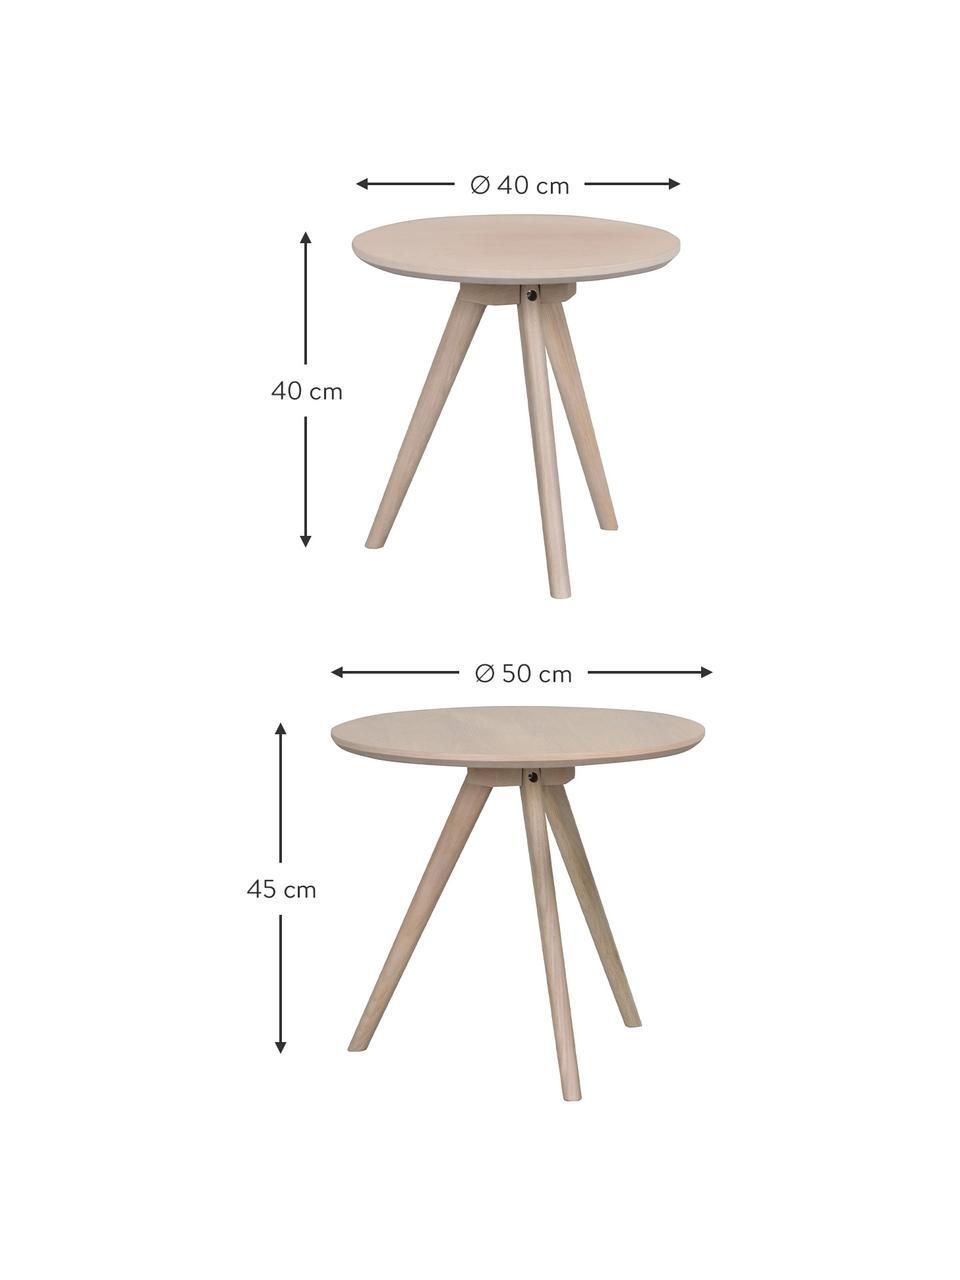 Komplet stolików pomocniczych Yumi, 2 elem., Blat: płyta pilśniowa (MDF) z f, Nogi: lite drewno dębowe, Jasny brązowy, szary rozmyty, Komplet z różnymi rozmiarami